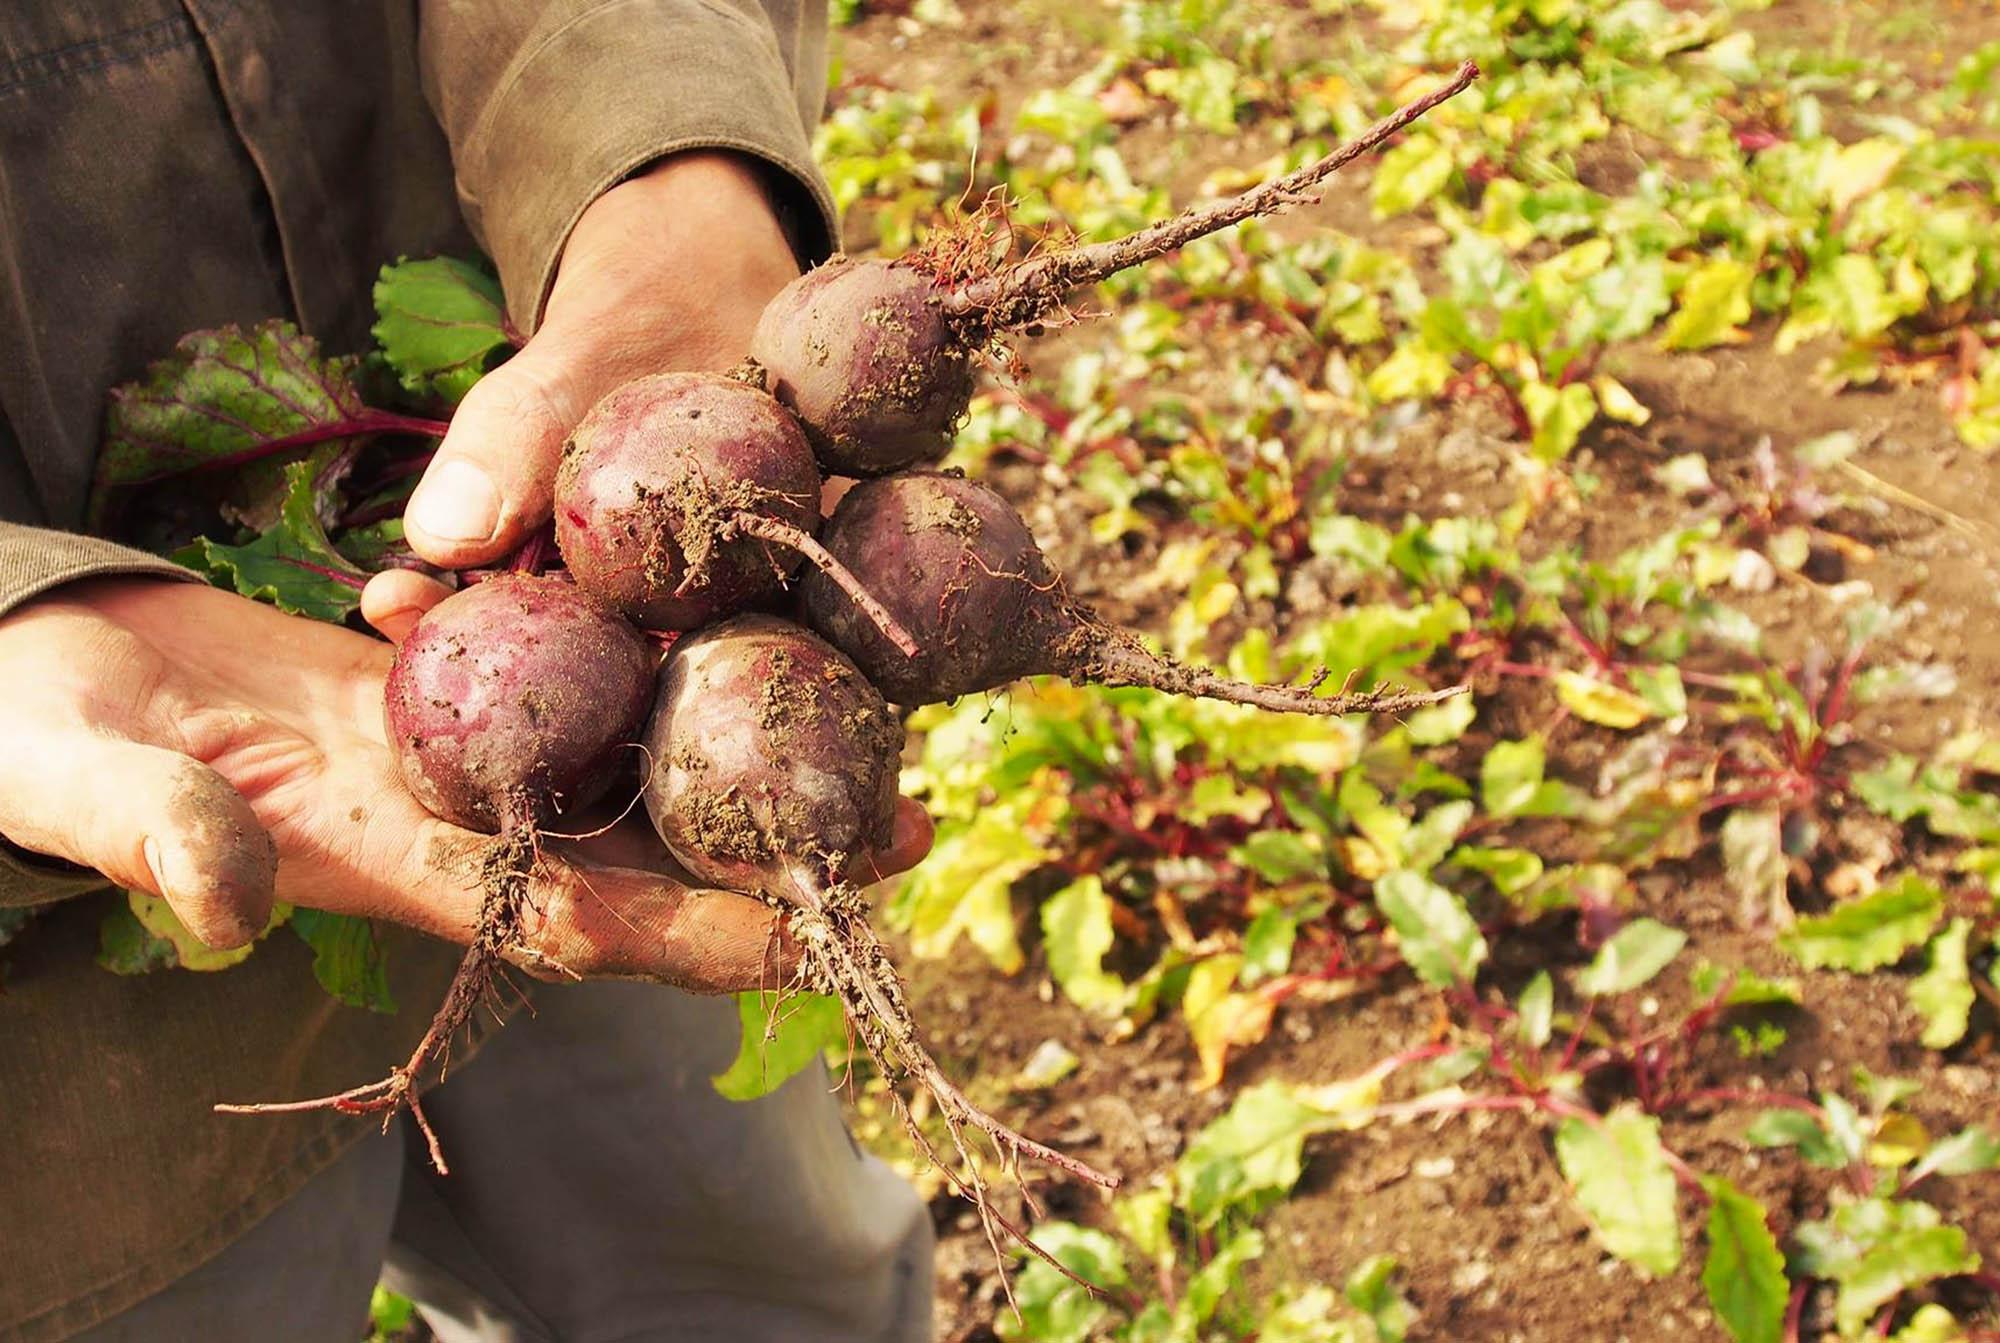 Händer som håller i en knippe rödbetor/Hands holding a bunch of beets